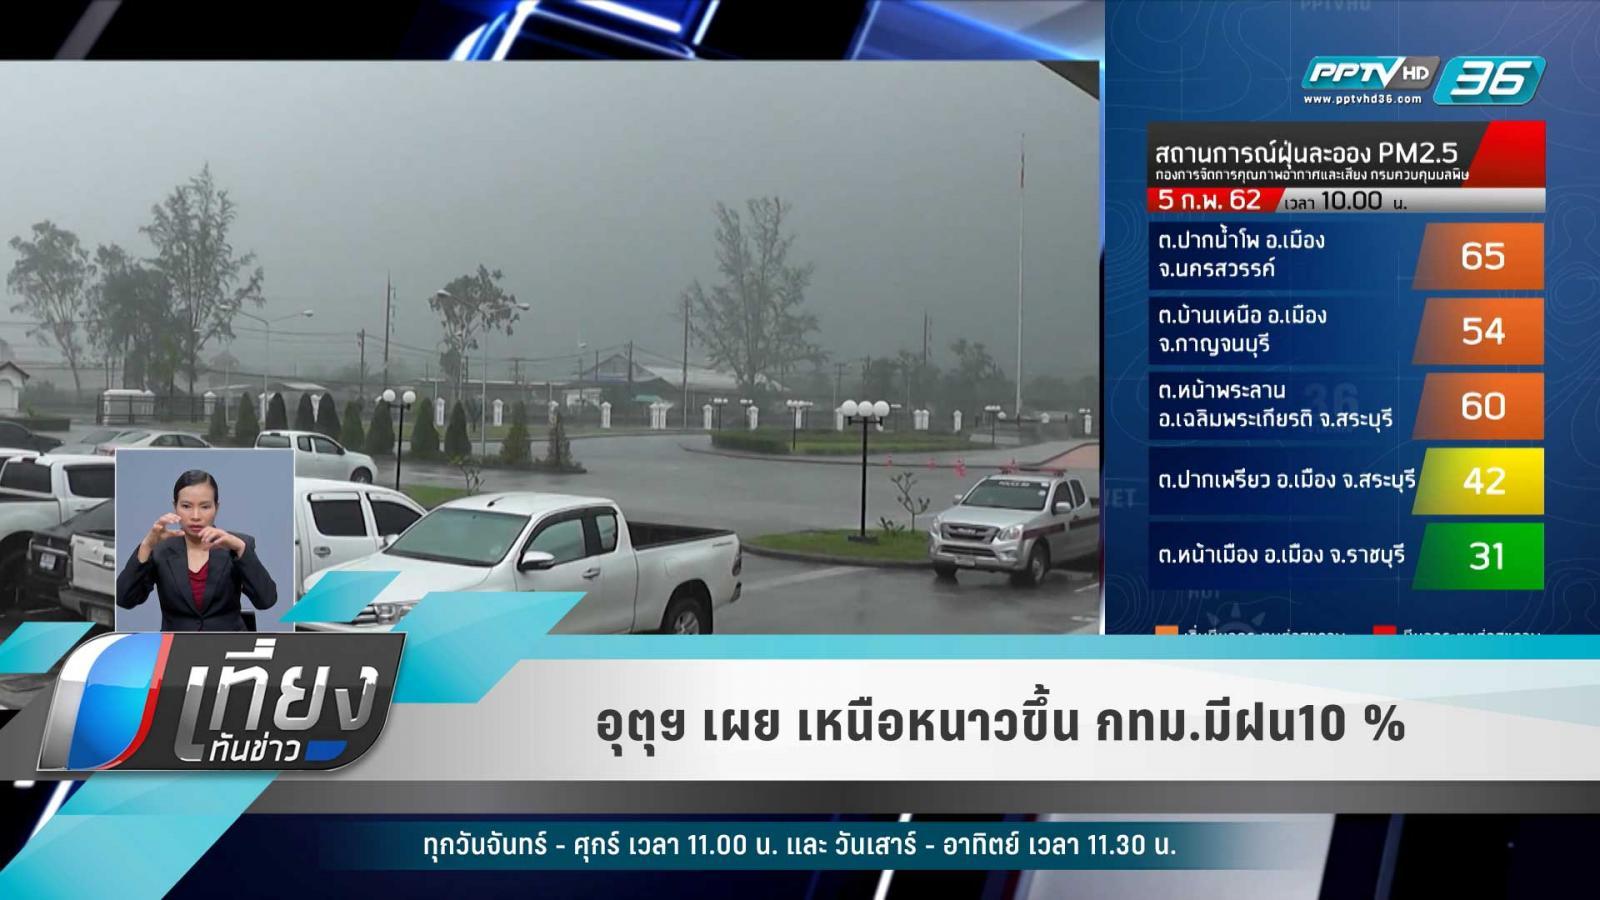 อุตุฯ เผย เหนือหนาวขึ้น กทม.มีฝน10 %